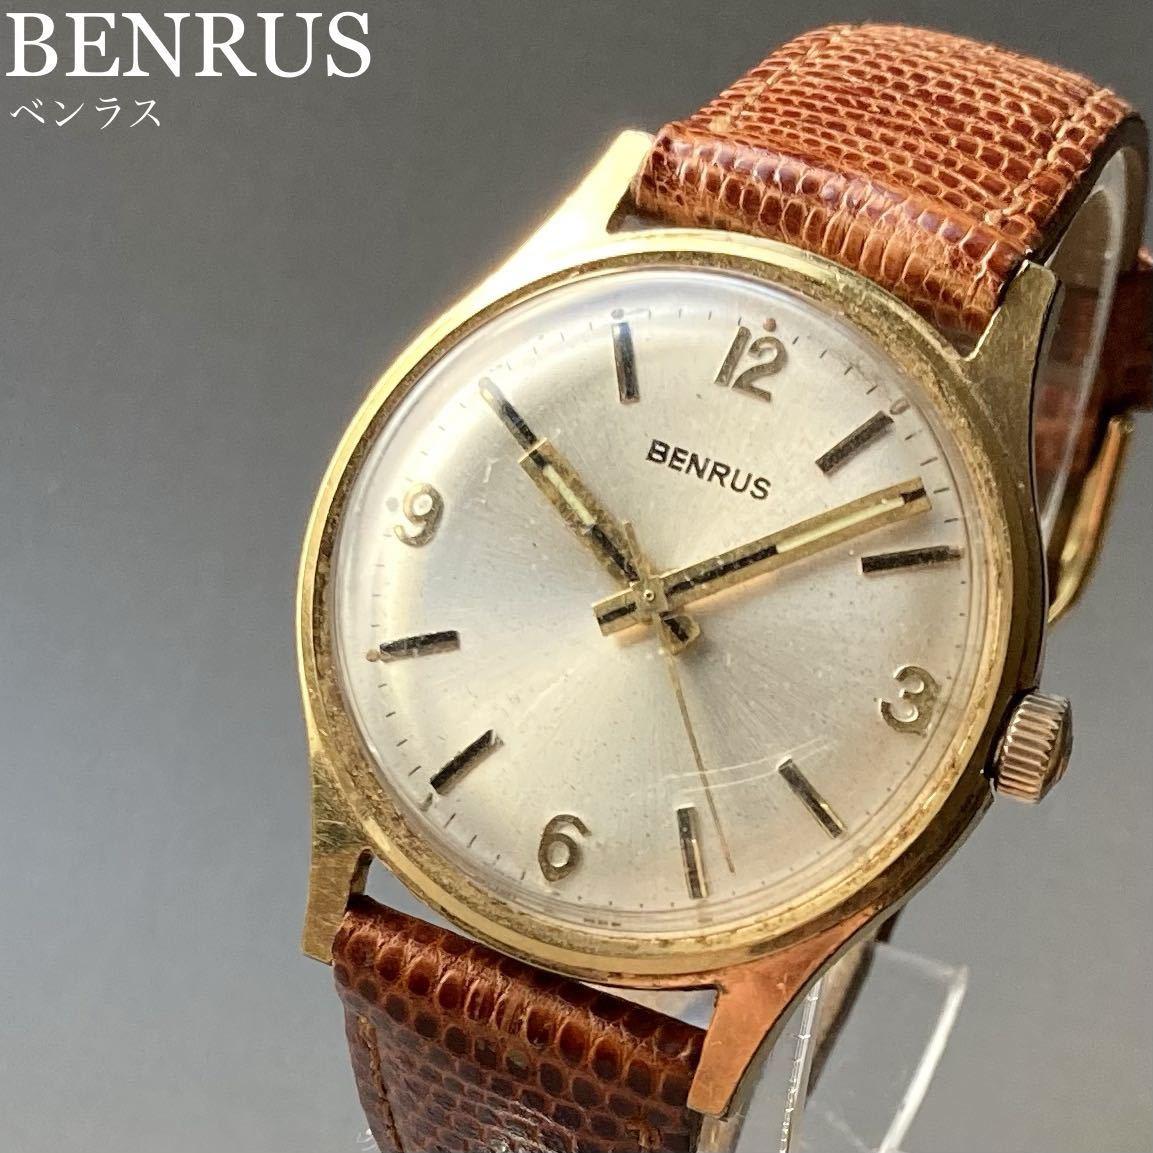 美品★動作良好★BENRUS ベンラス アンティーク 腕時計 メンズ 手巻き ケース径33㎜ ビンテージ ウォッチ 男性 レトロ_画像1